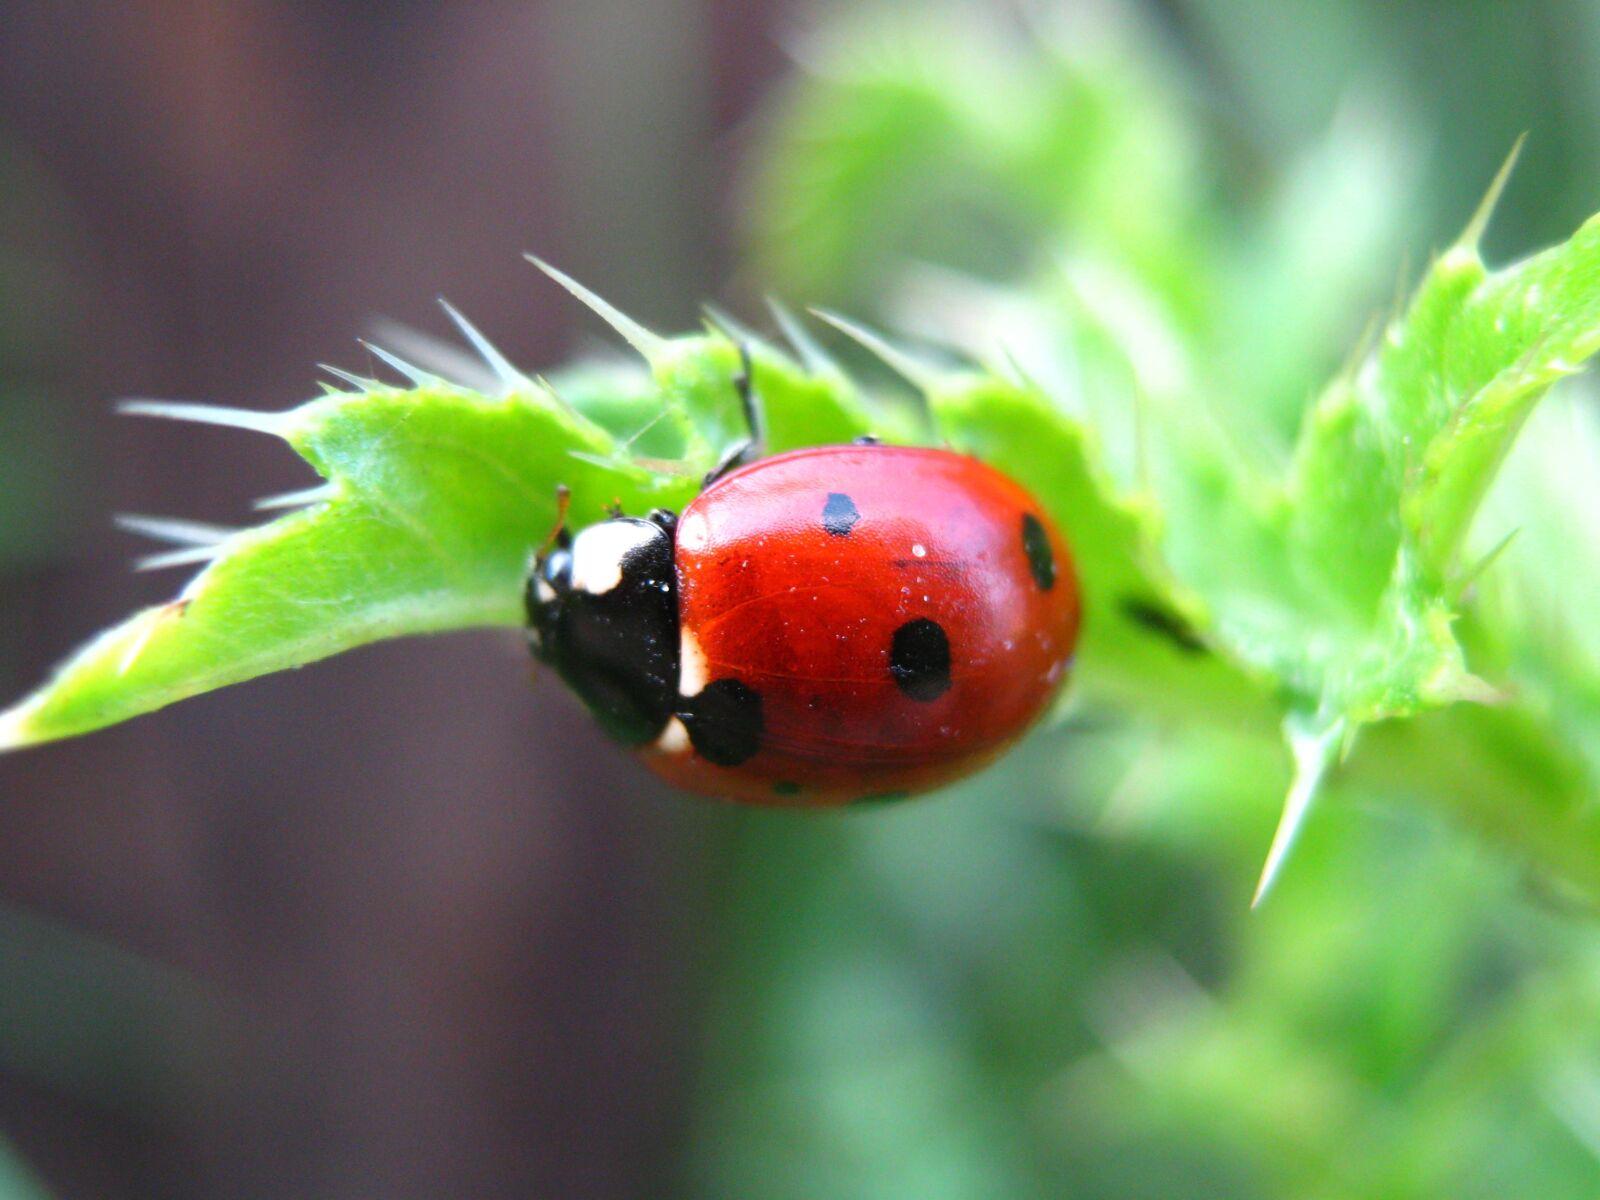 """Canon PowerShot A470 sample photo. """"Nature, ladybug, beetle"""" photography"""